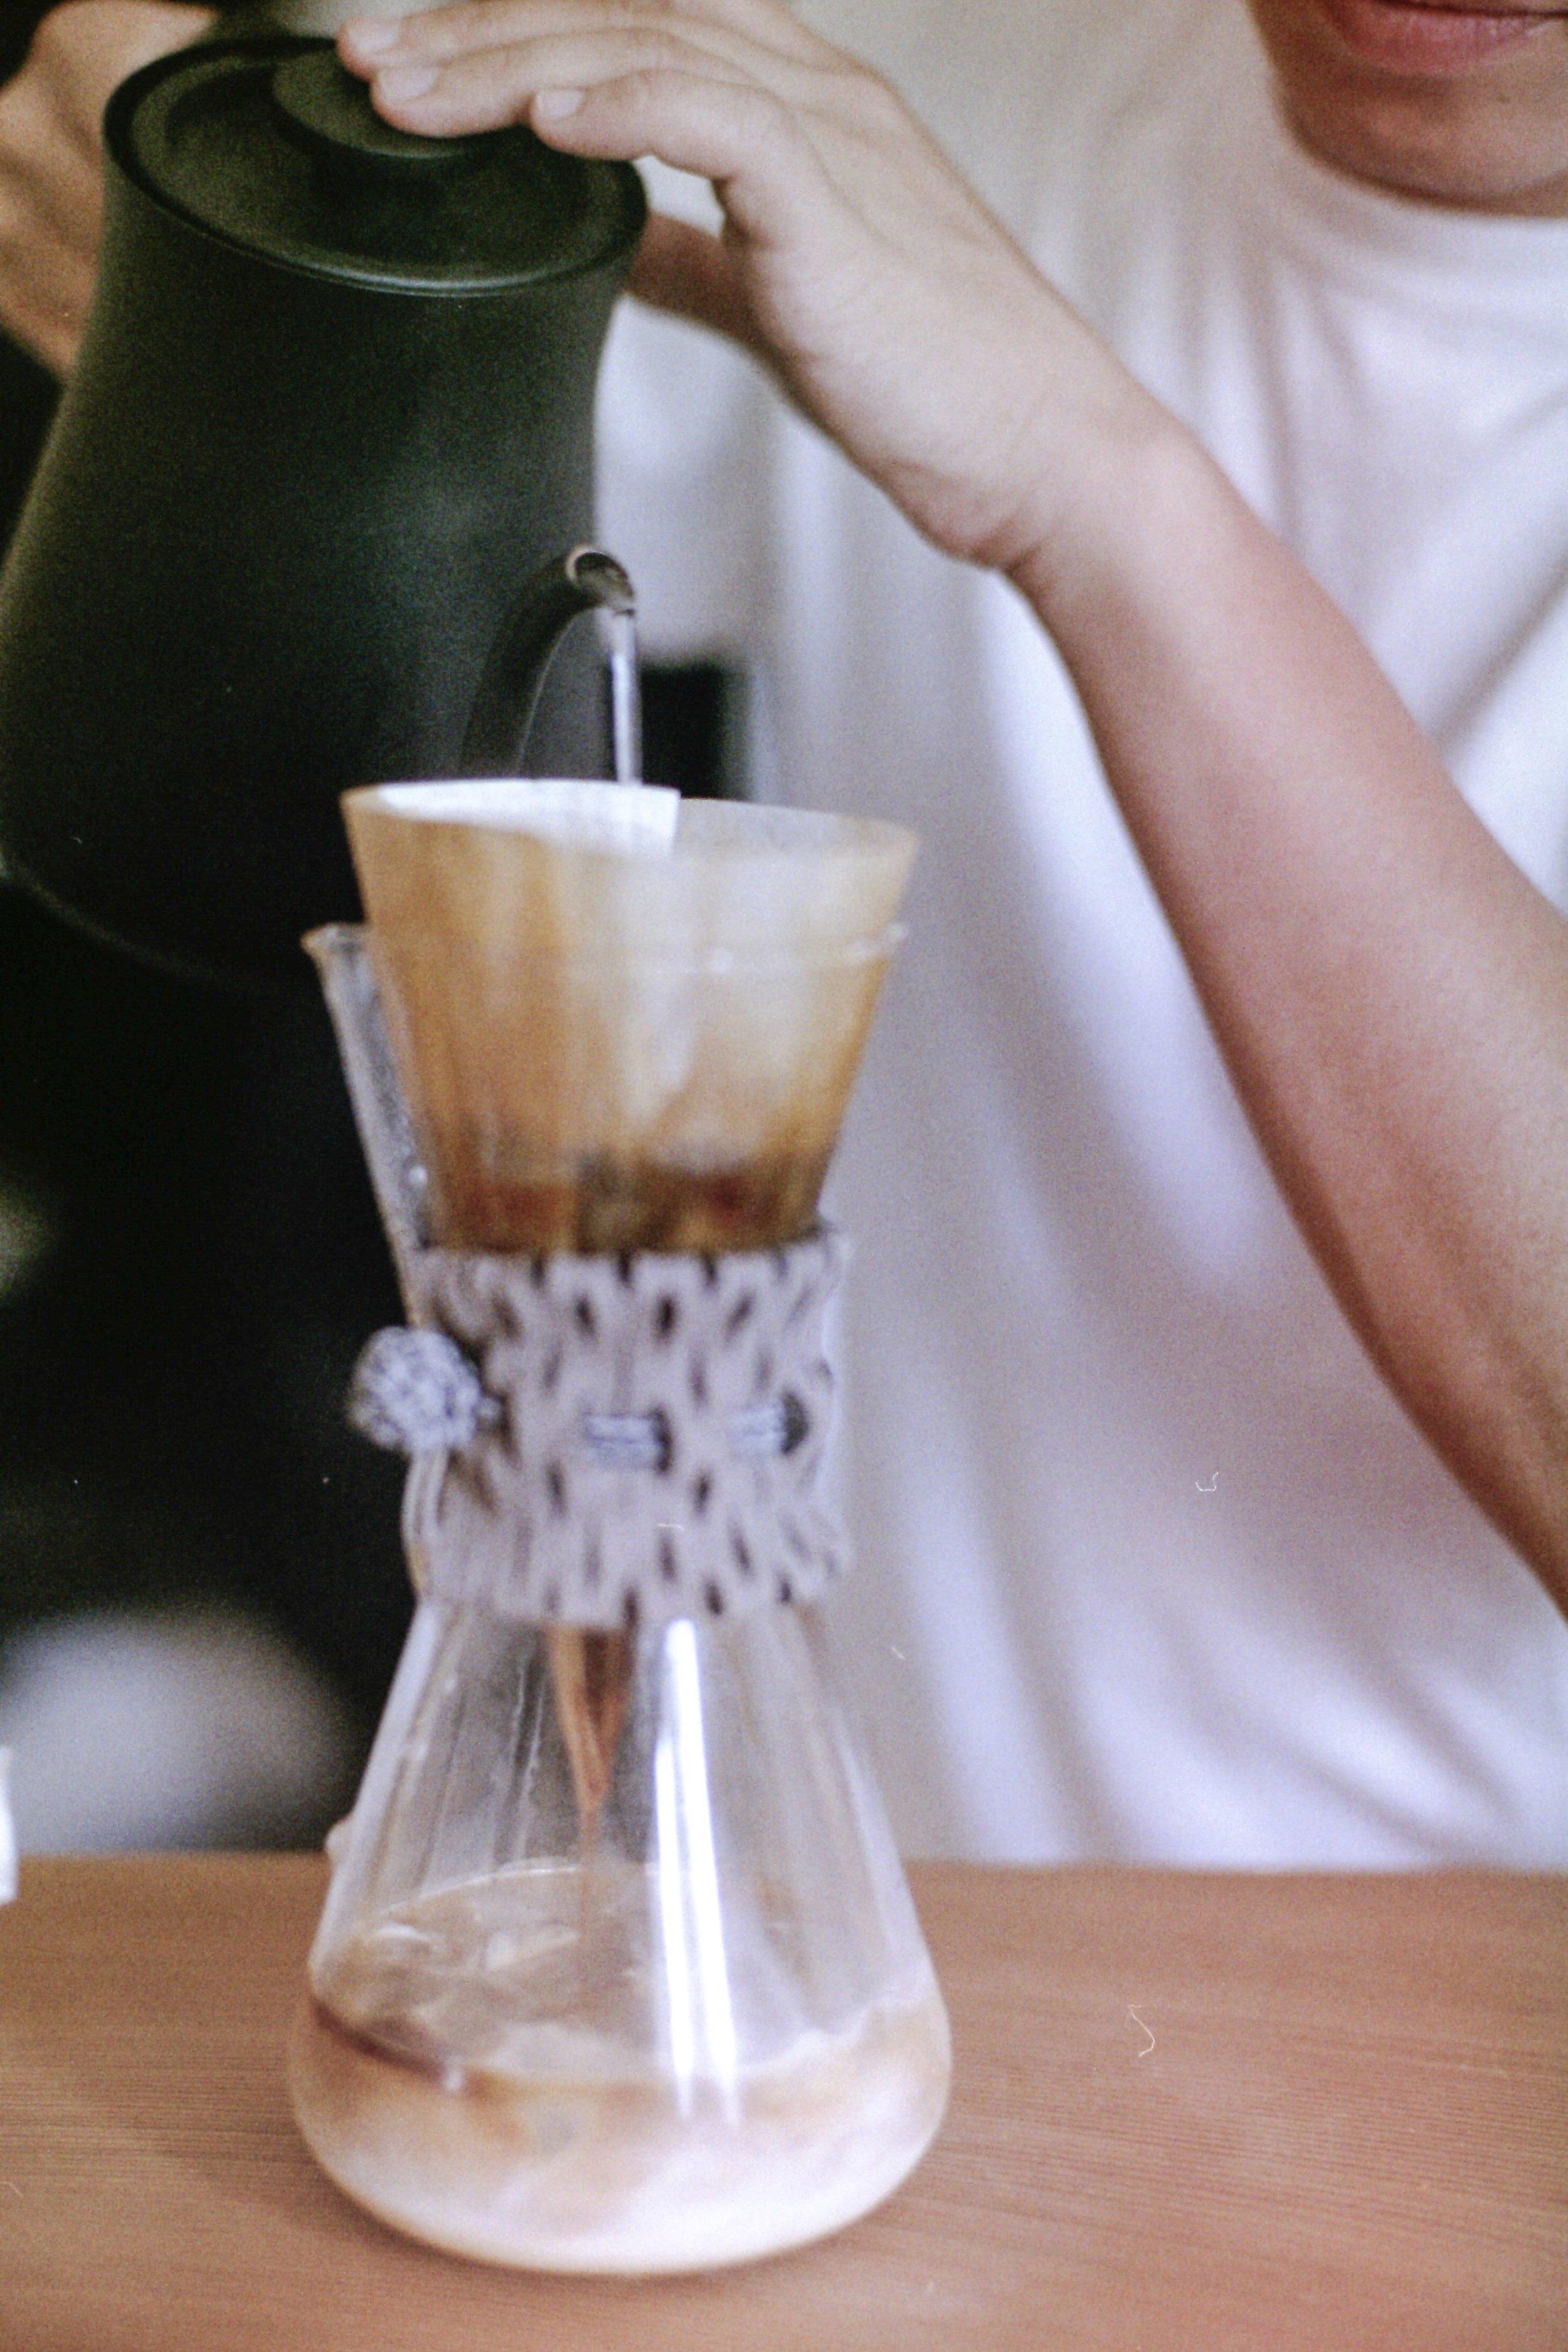 おうちでまったりコーヒーを楽しんだり